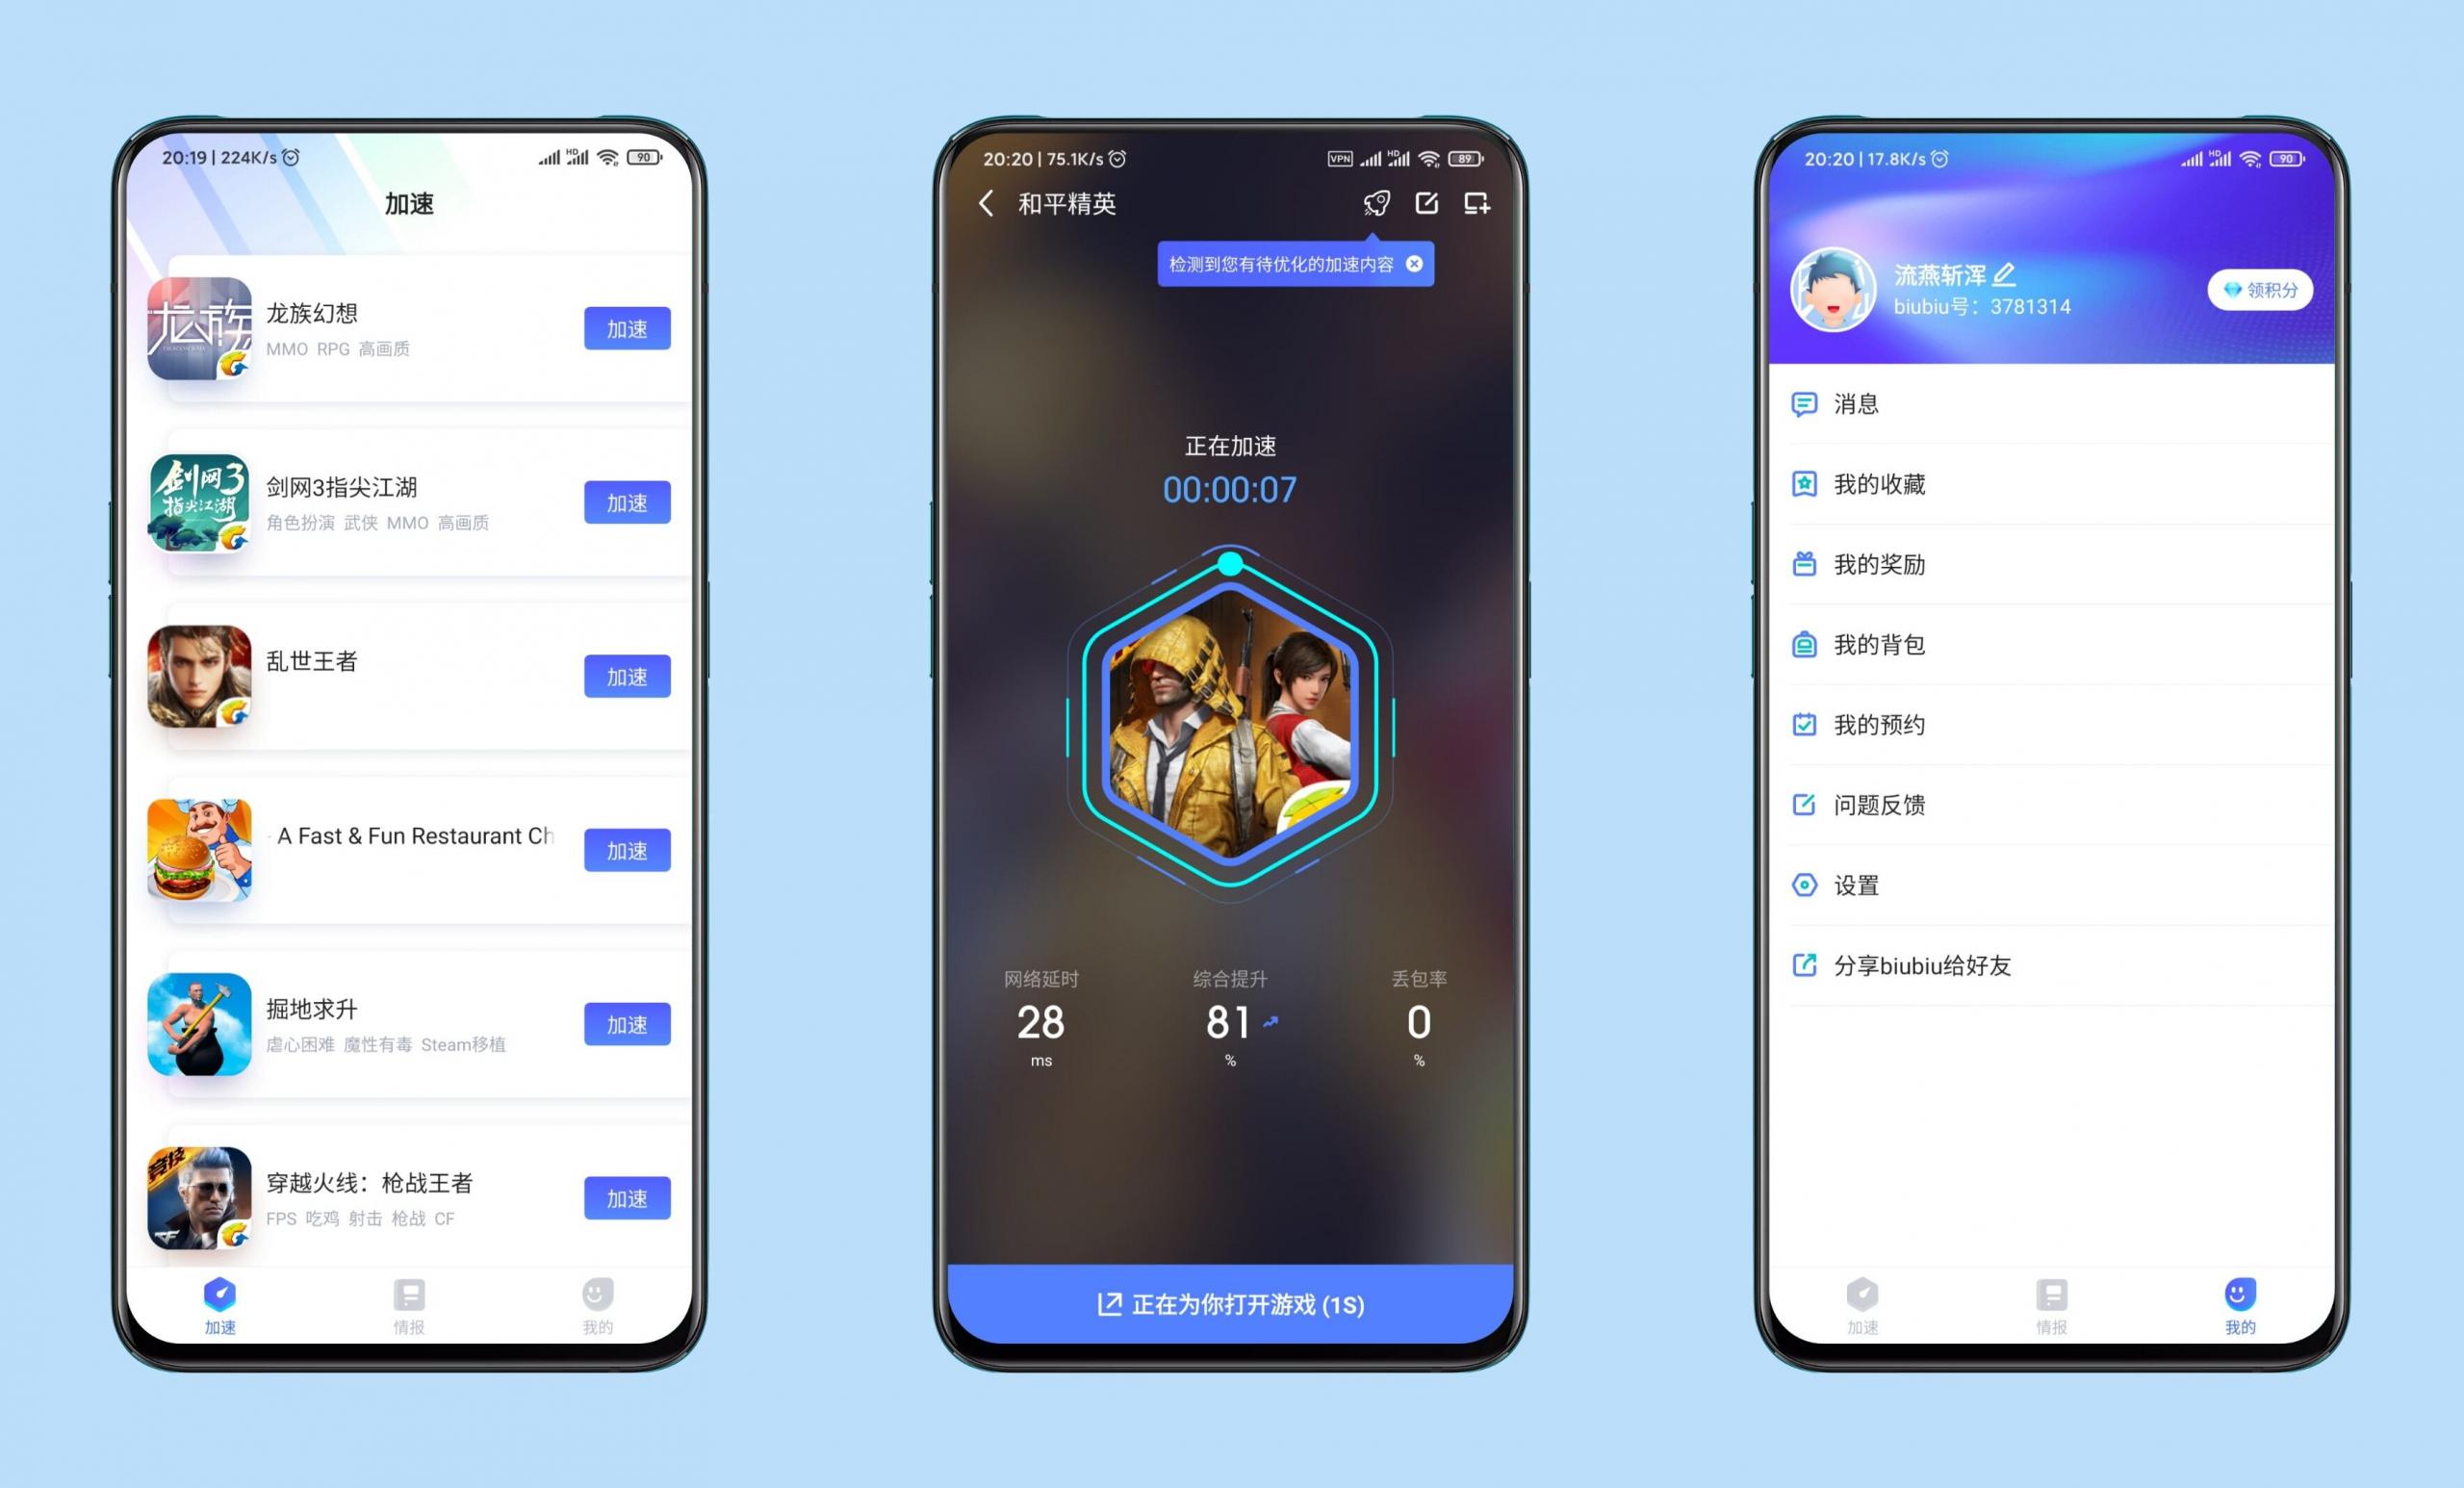 biubiu安卓手游免费加速器  拒绝延迟不卡顿国内外免费游戏加速